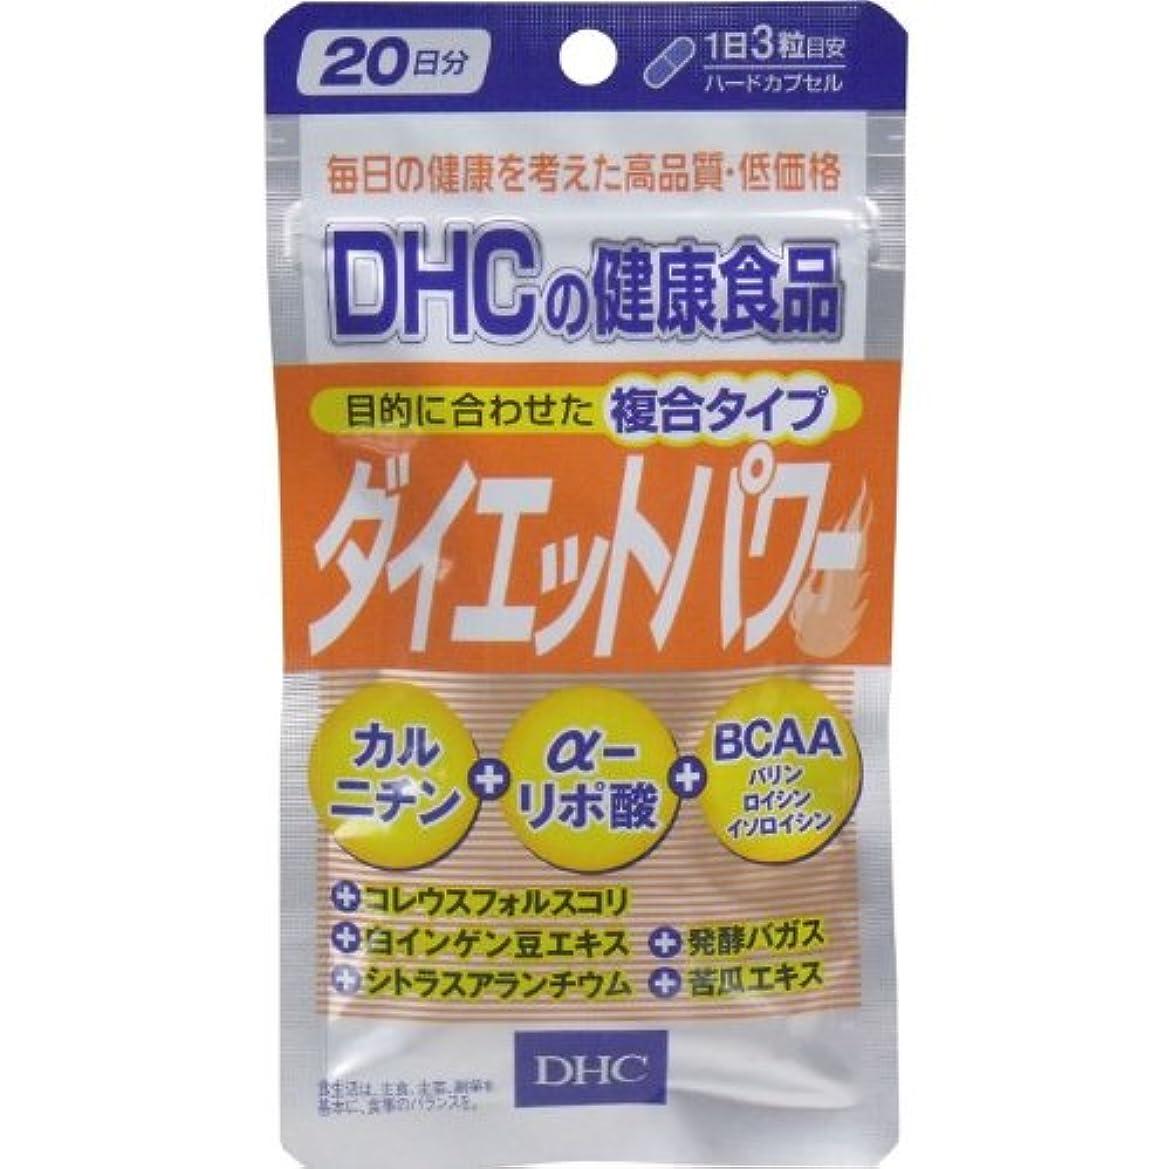 部分反対する盲目DHC ダイエットパワー 60粒入 20日分「3点セット」